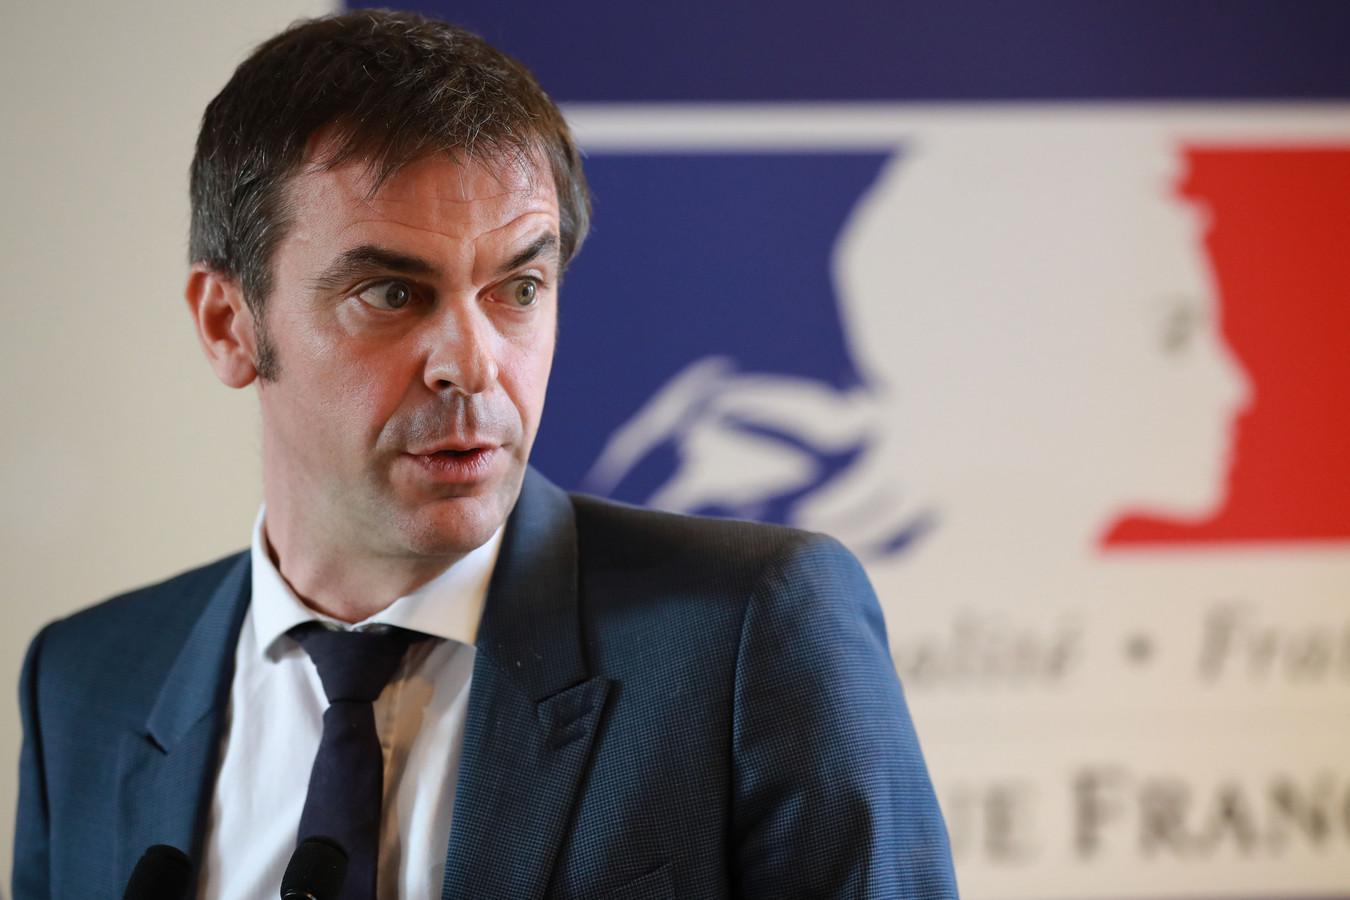 Le ministre Véran, lors d'une conférence de presse, mardi à Paris